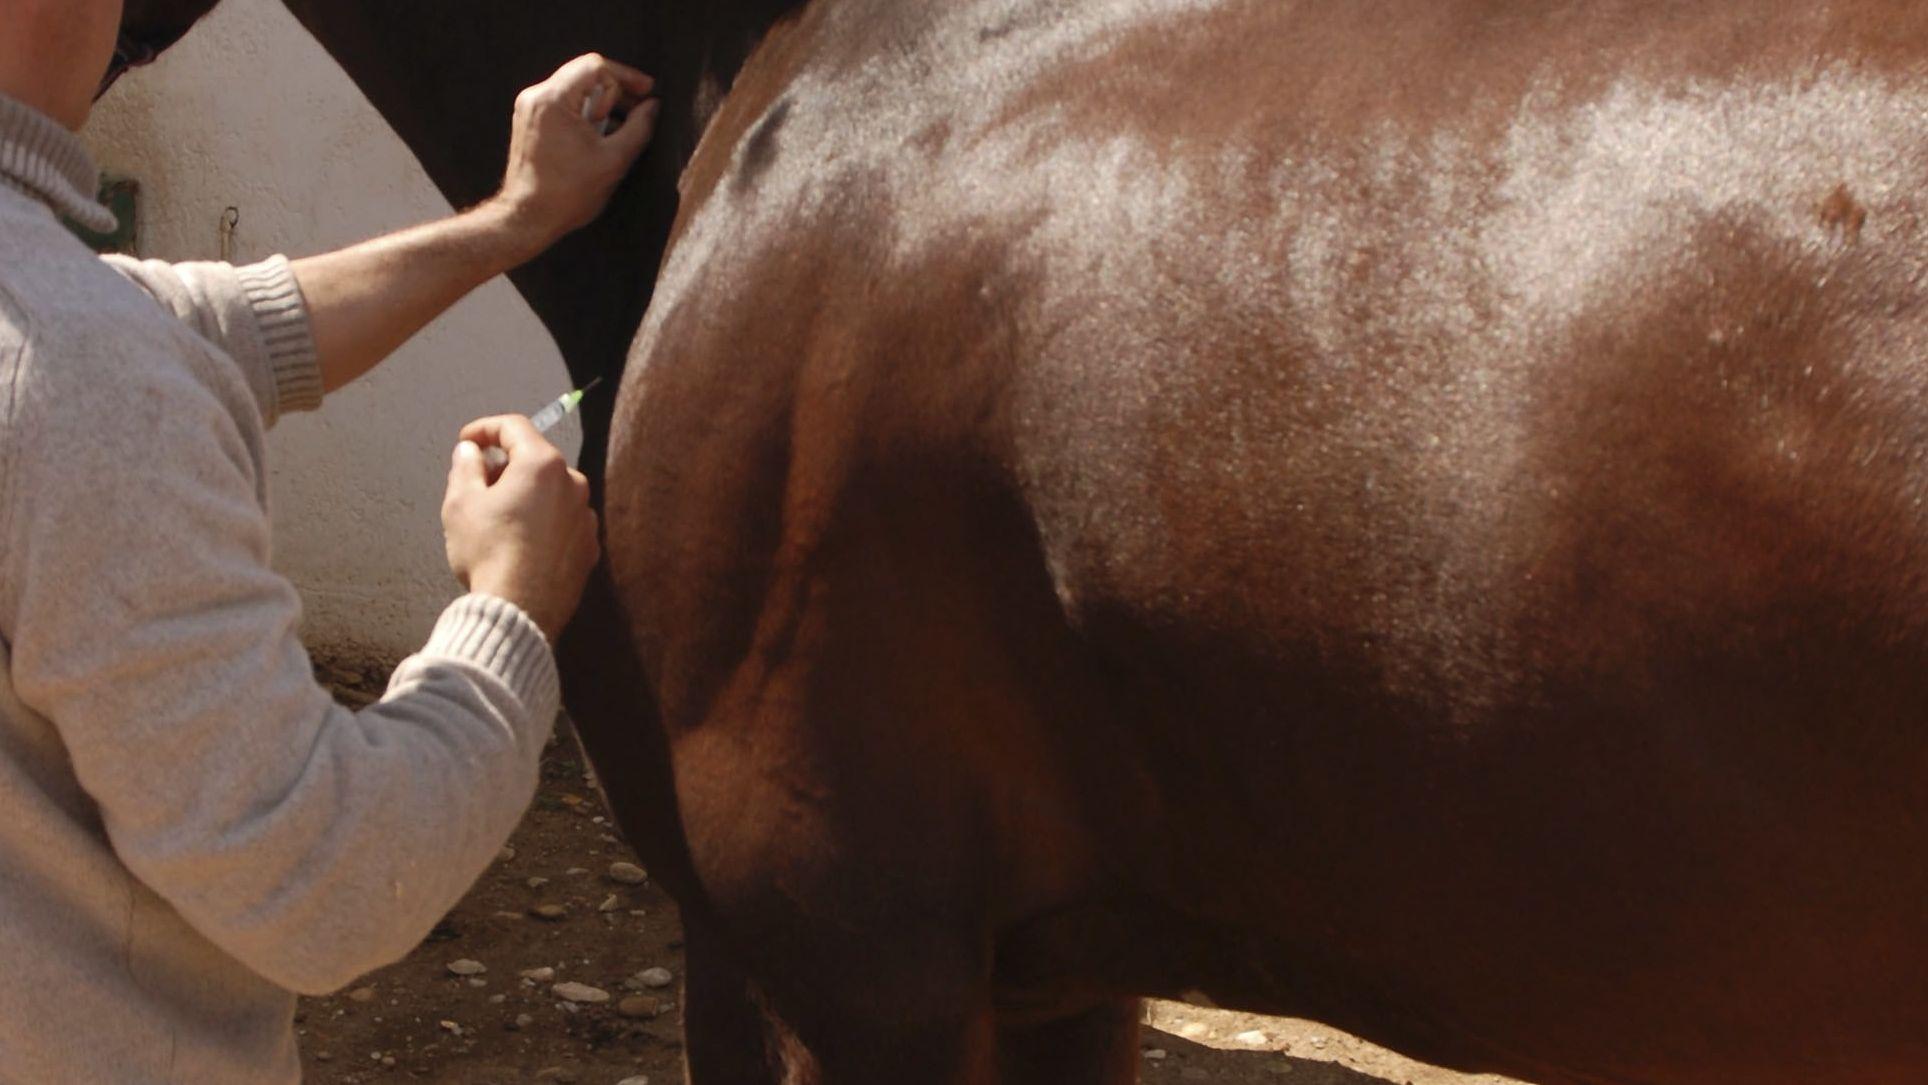 Veterinär gibt einem Pferd eine Spritze (Symbolbild)